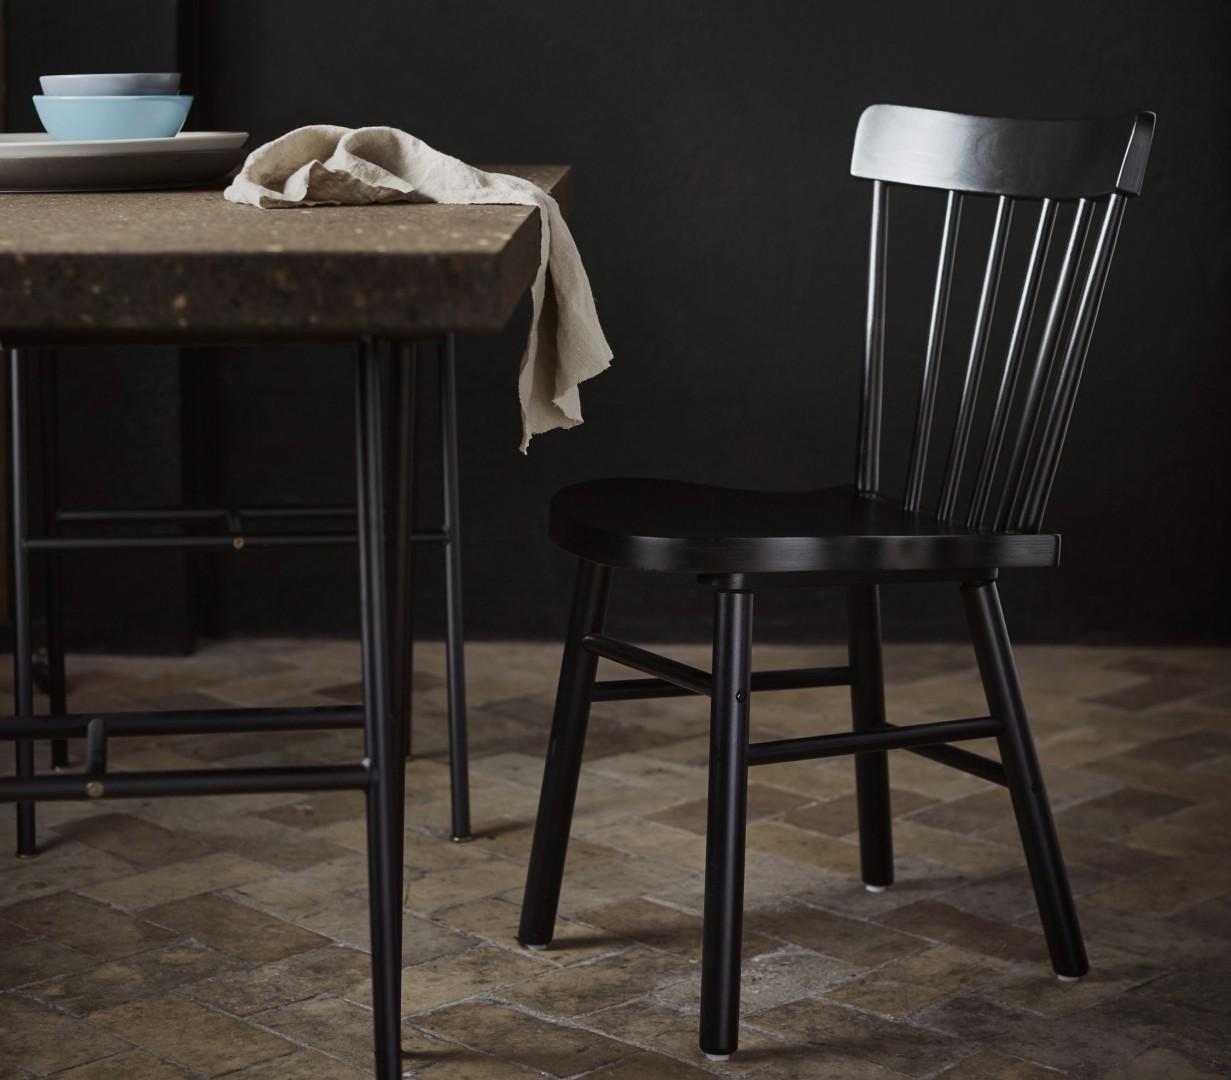 Krzesło Norraryd z oferty IKEA. Fot. IKEA